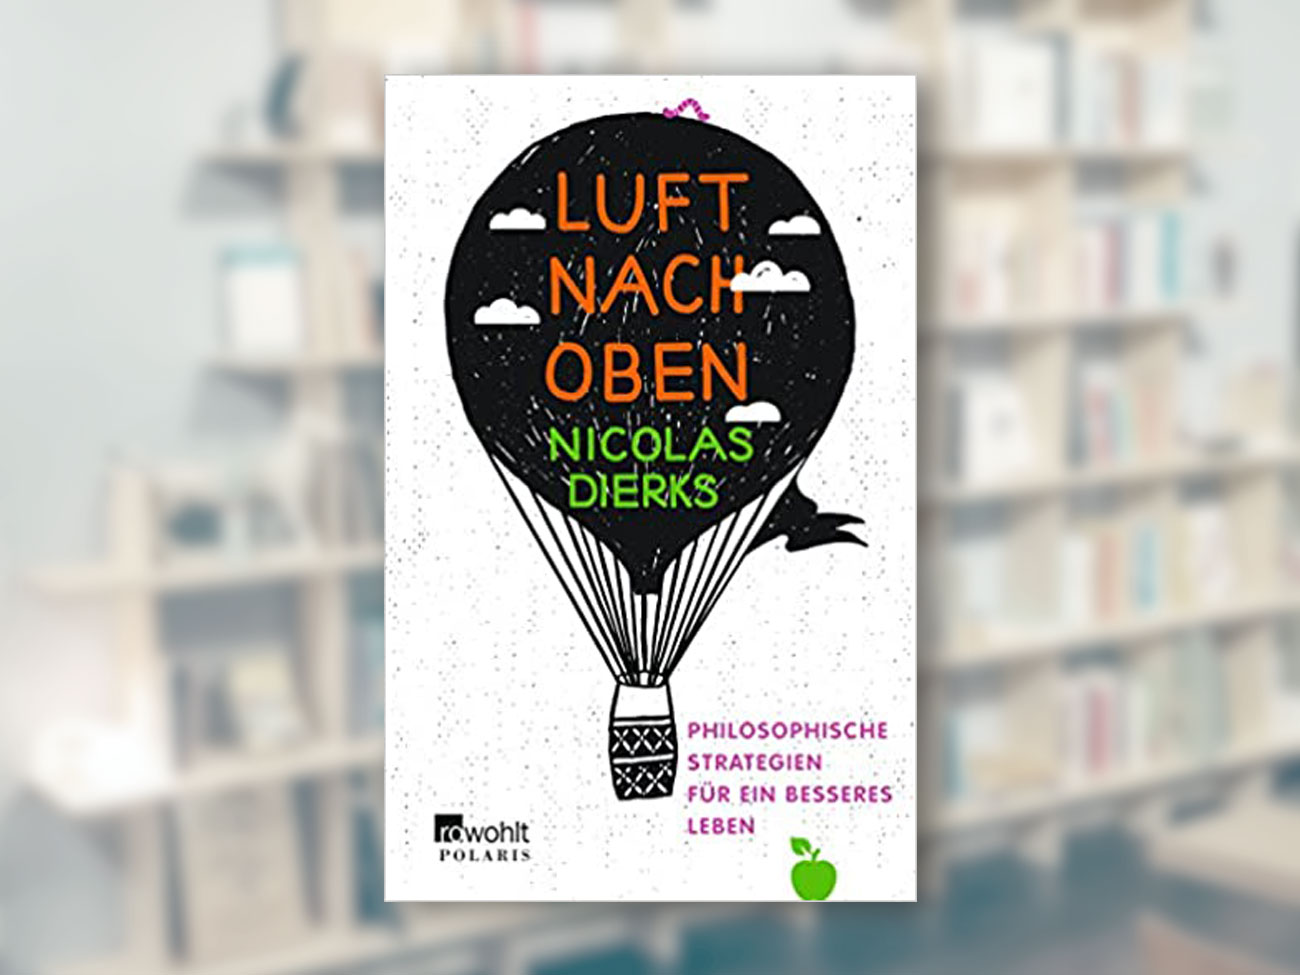 Nicolas Dierks, Luft nach oben